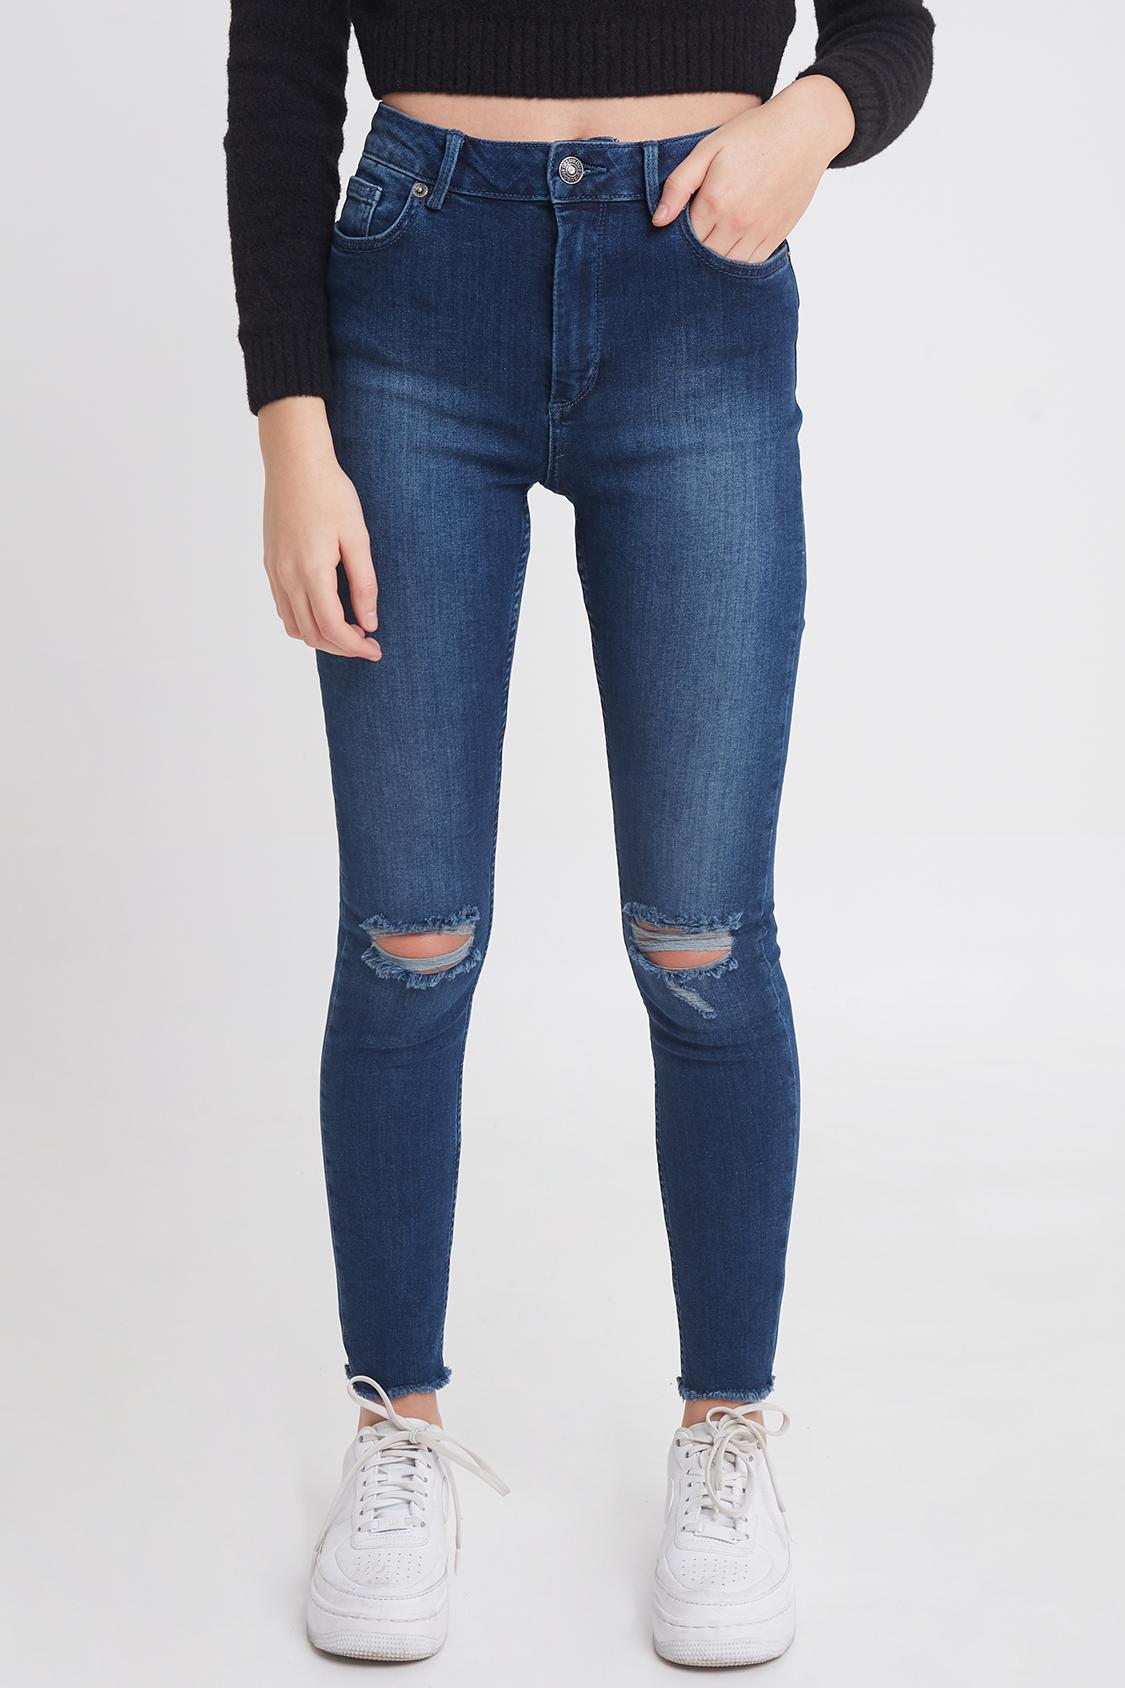 6f12f19760 Distressed skinny jeans